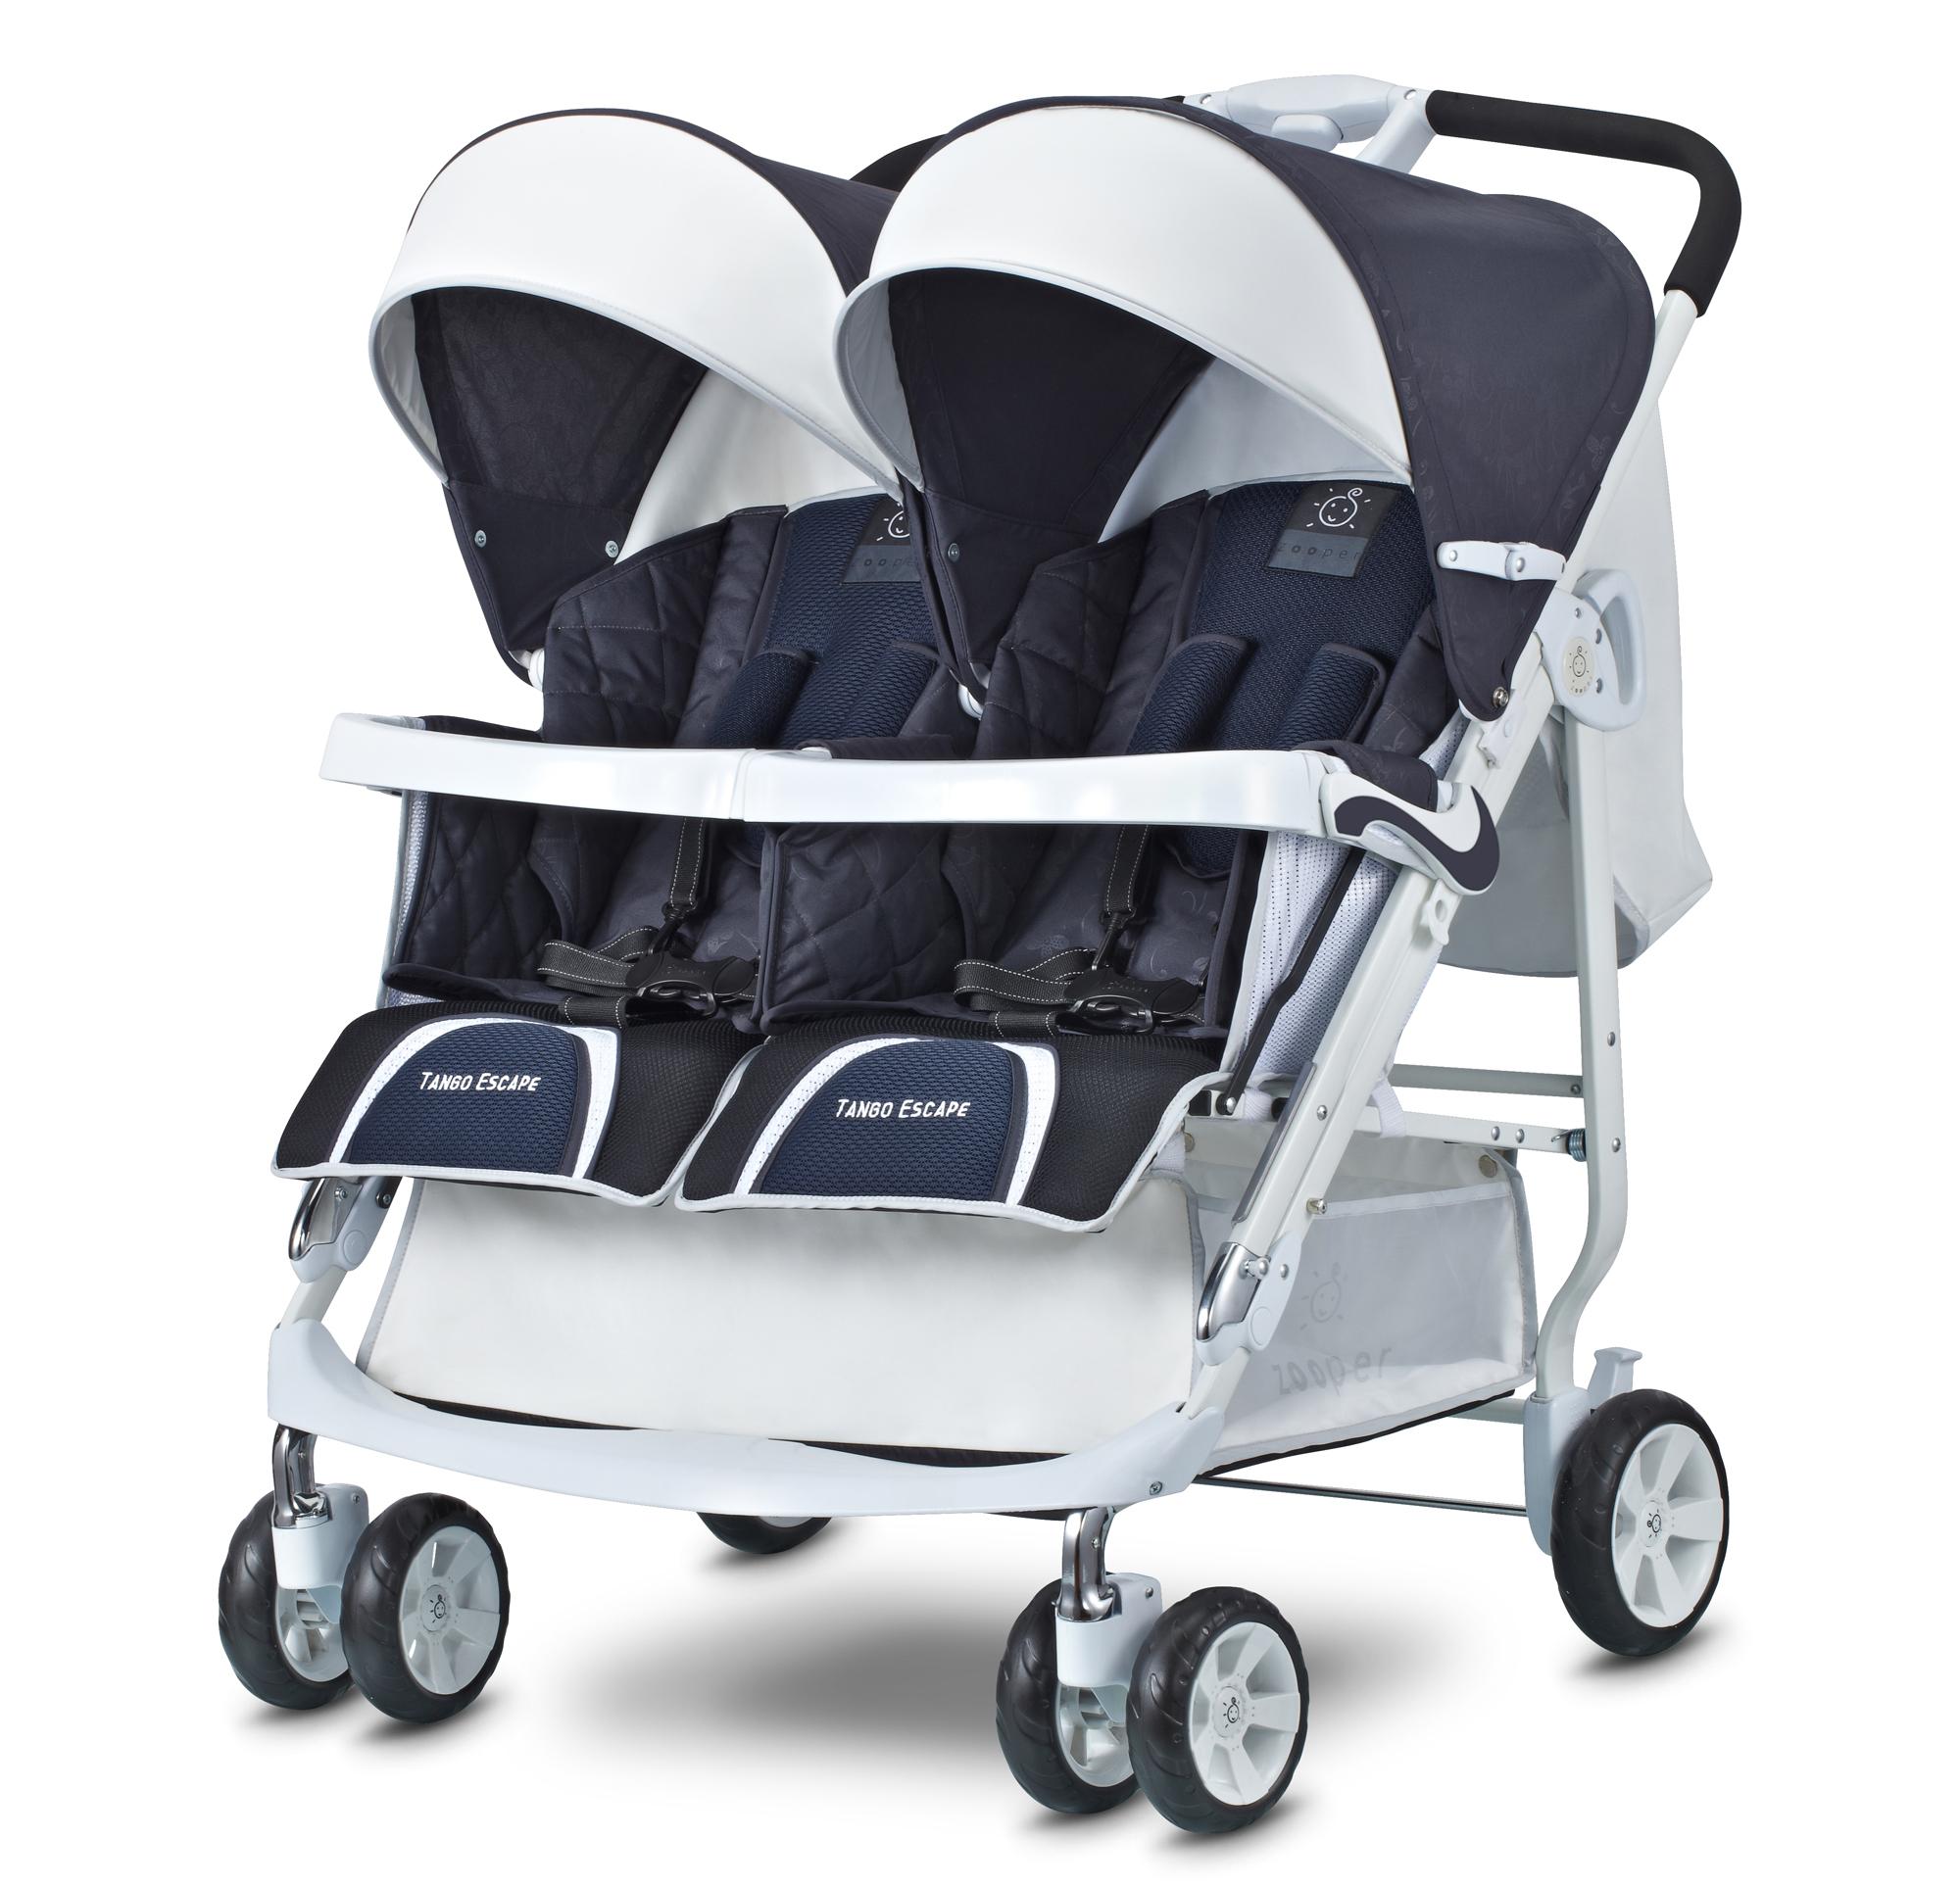 Детская коляска для двойни Zooper Tango Escape купить с доставкой - цена, фото, видео, отзывы на Kidiki.ru